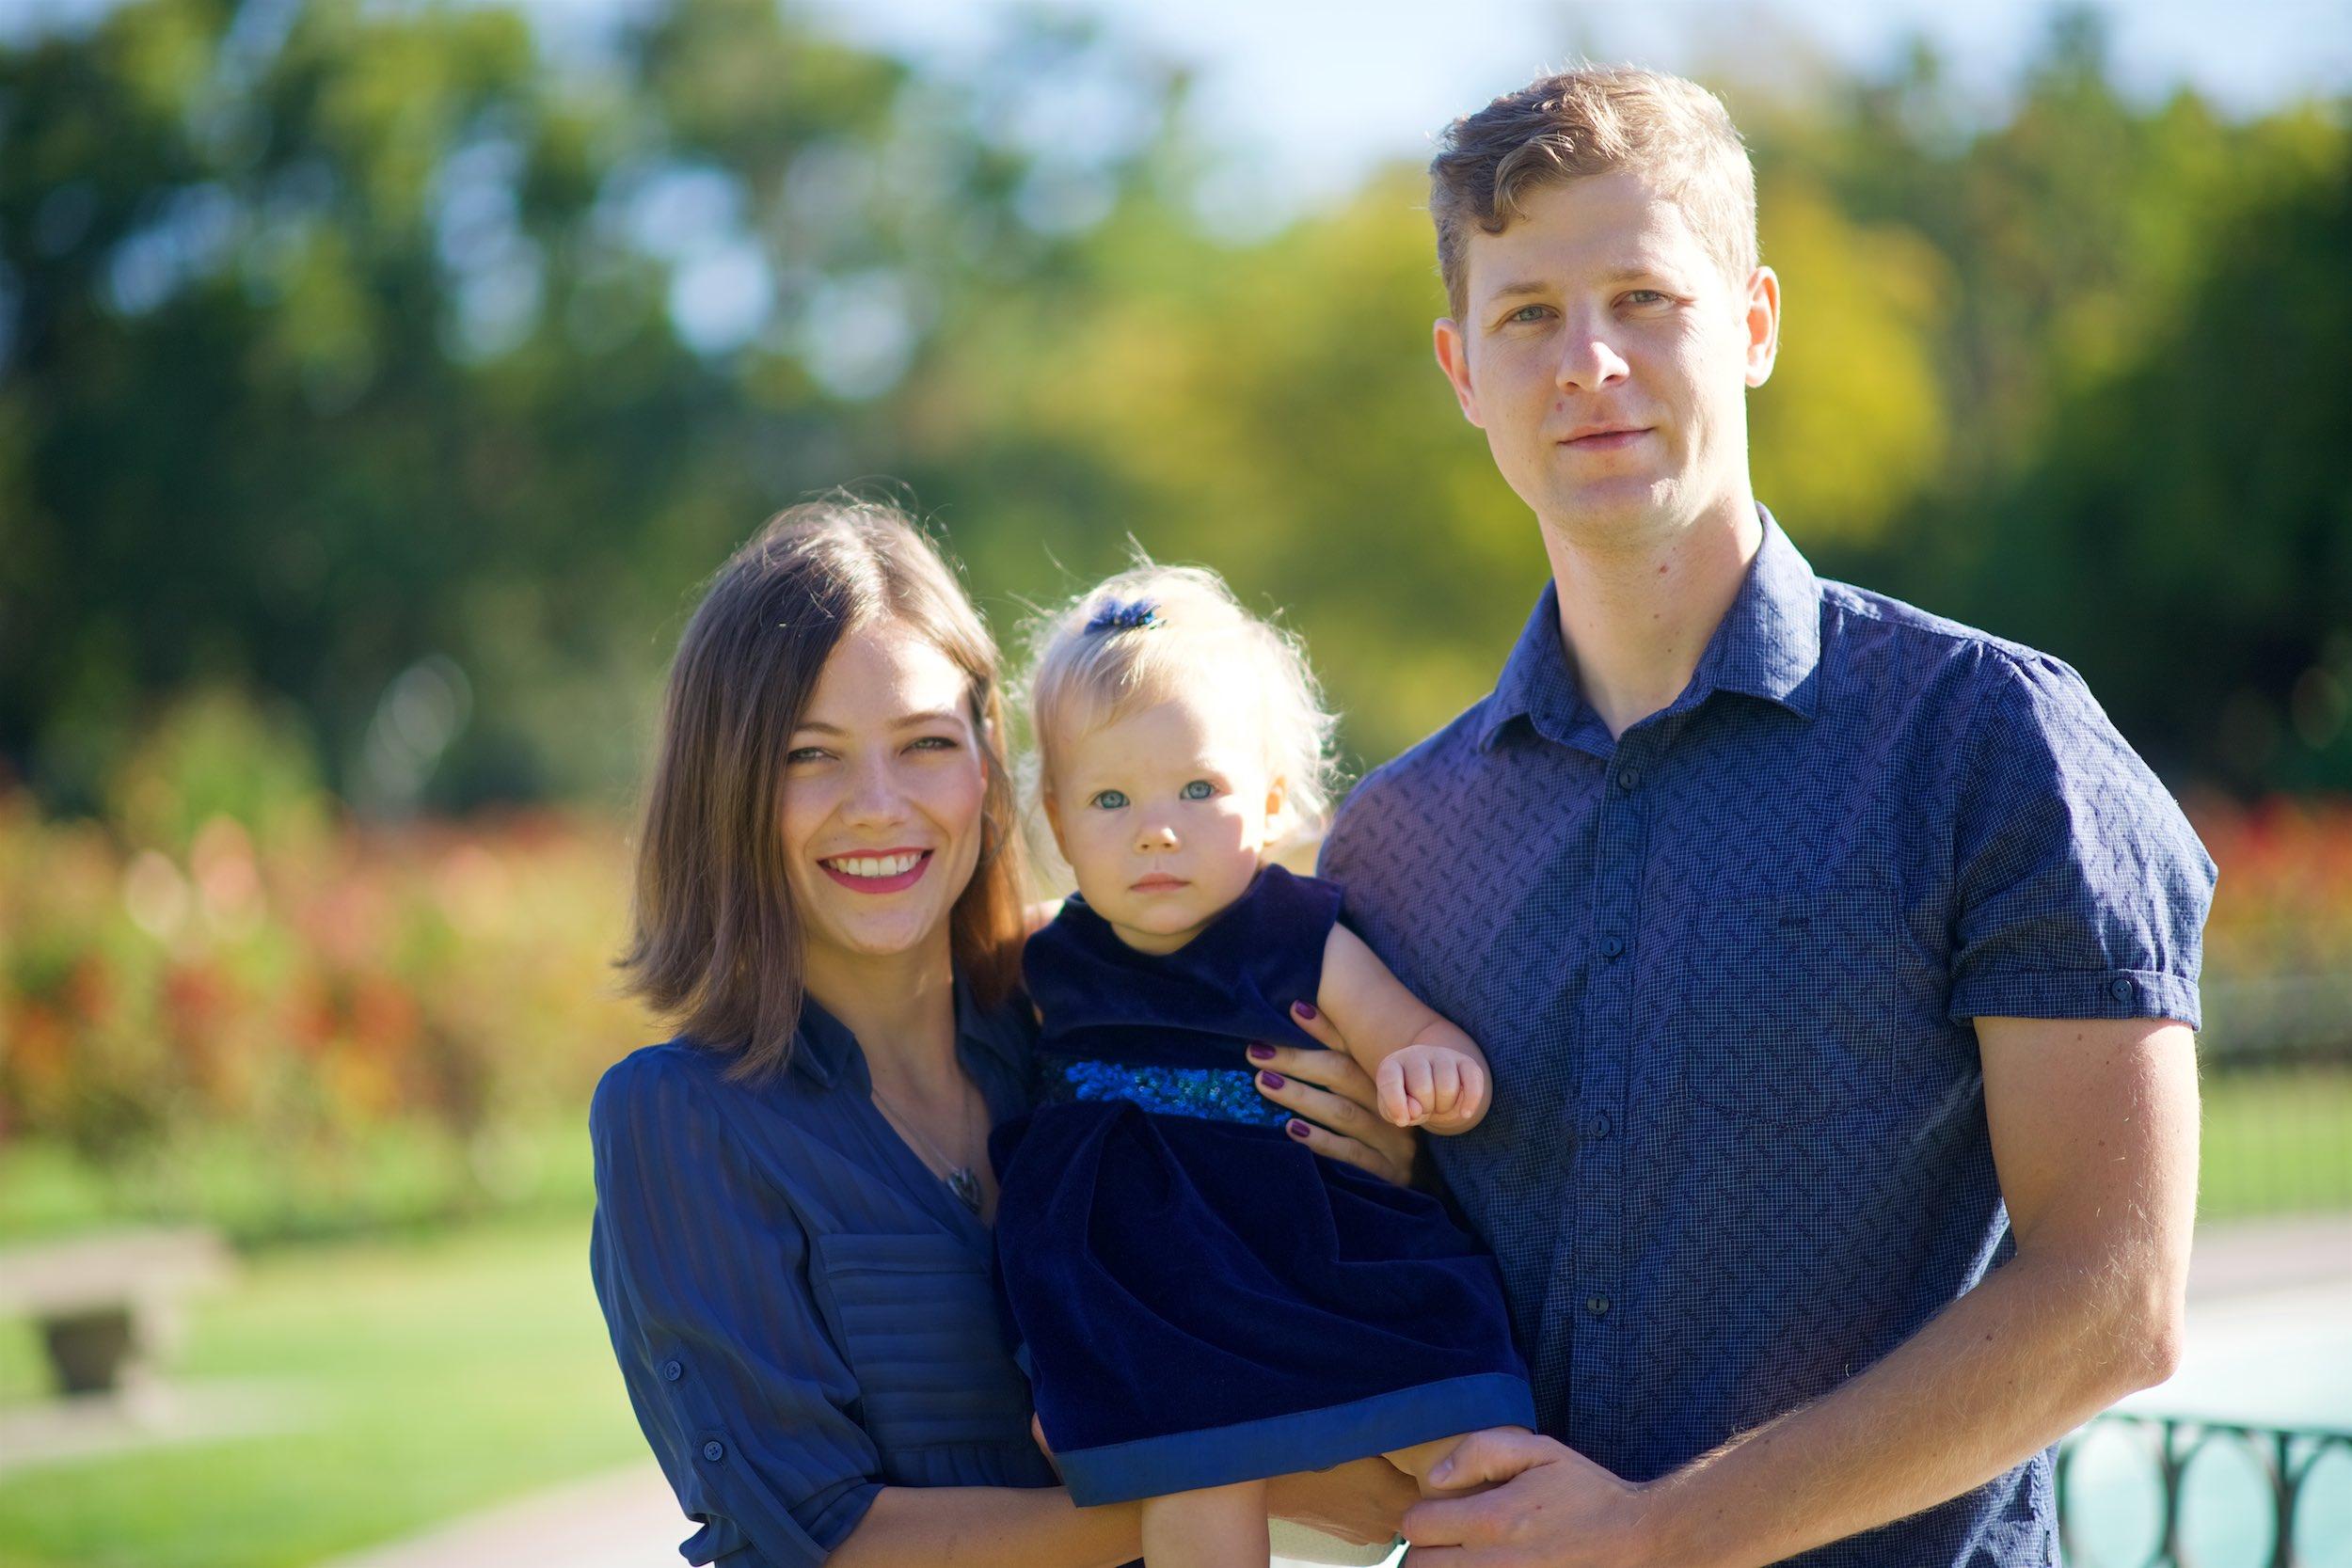 family-sample-rg-015.jpg